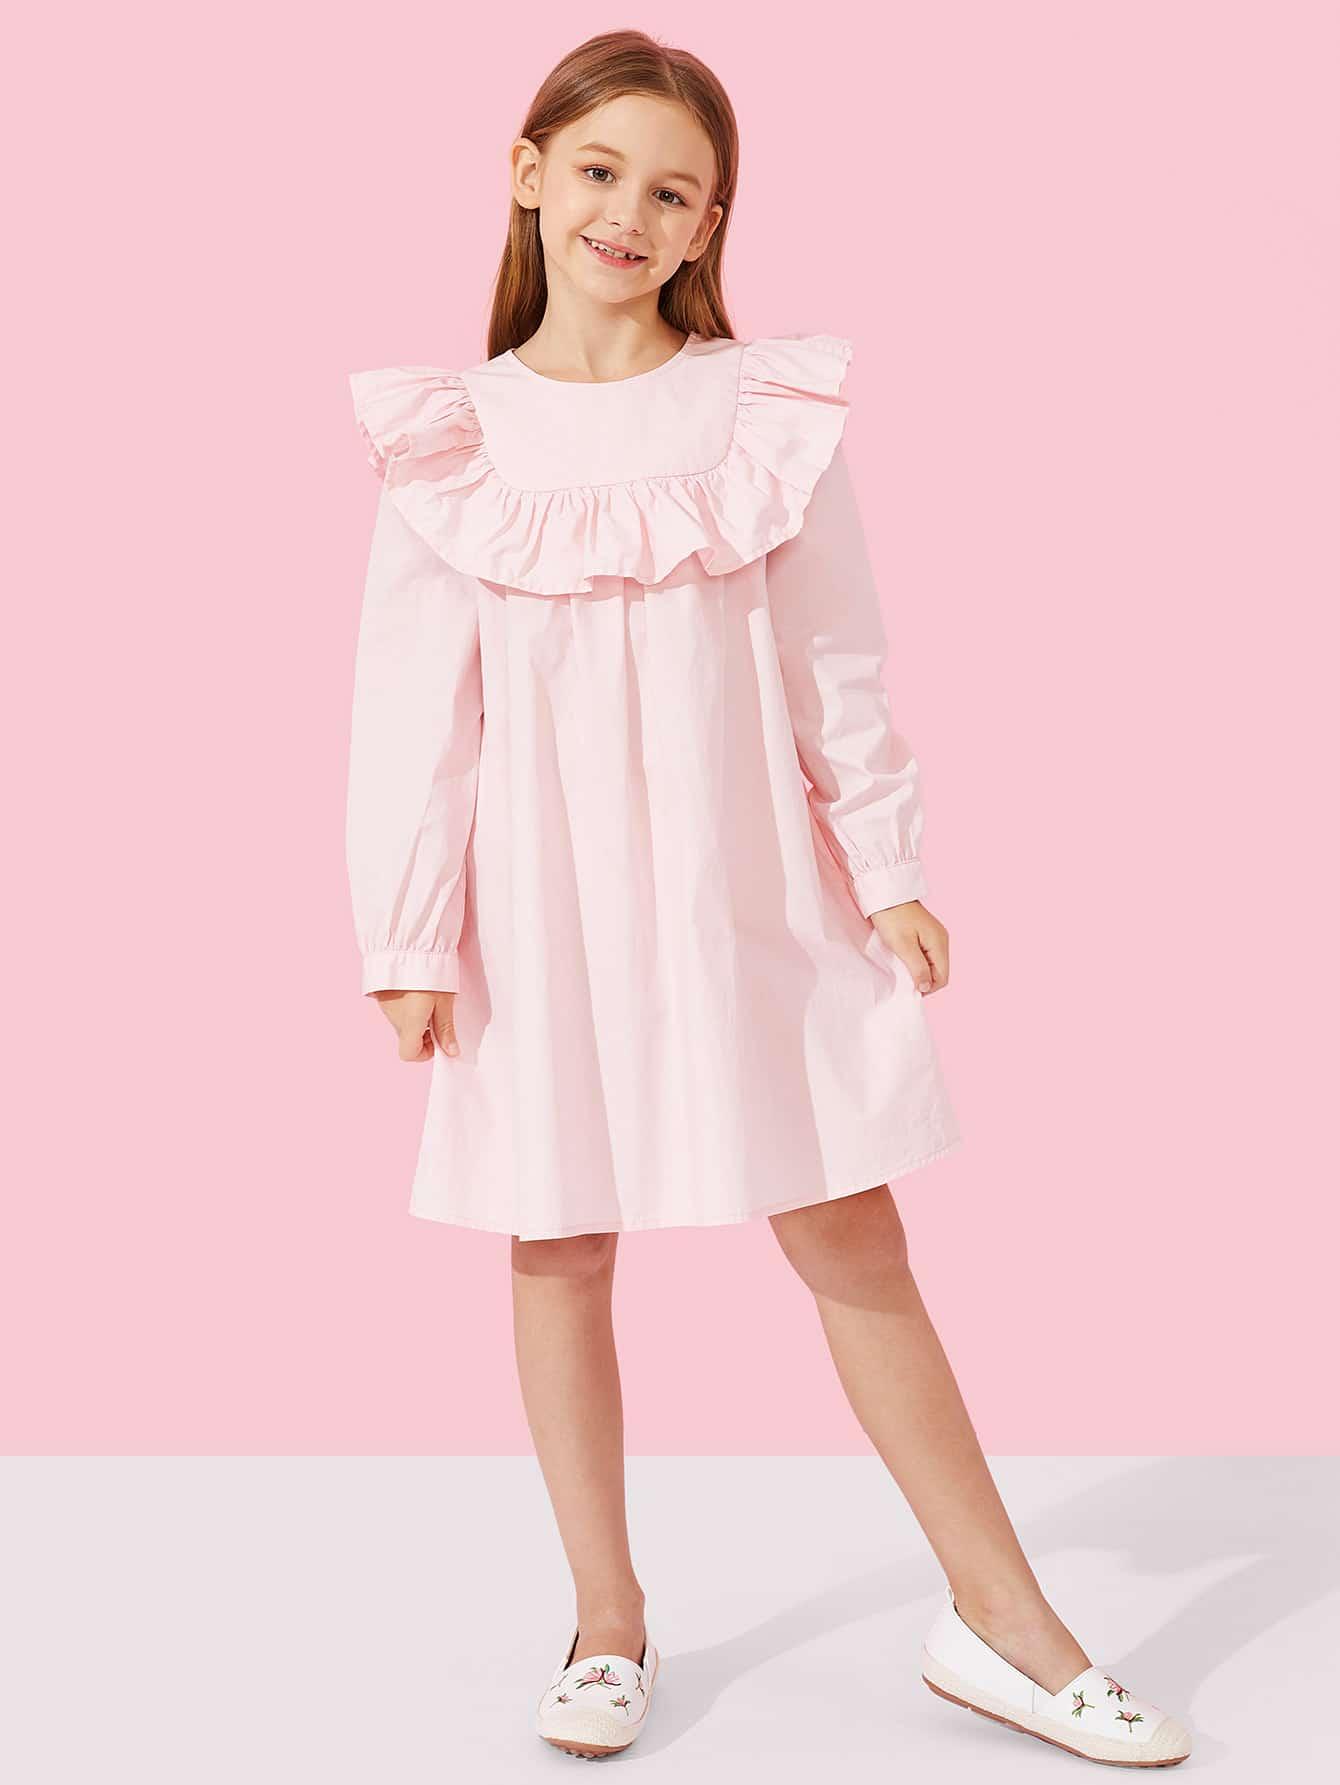 Купить Длинное платье с кружевными оборками и с застёжкой молния сзади одежды для девочки, Sashab, SheIn